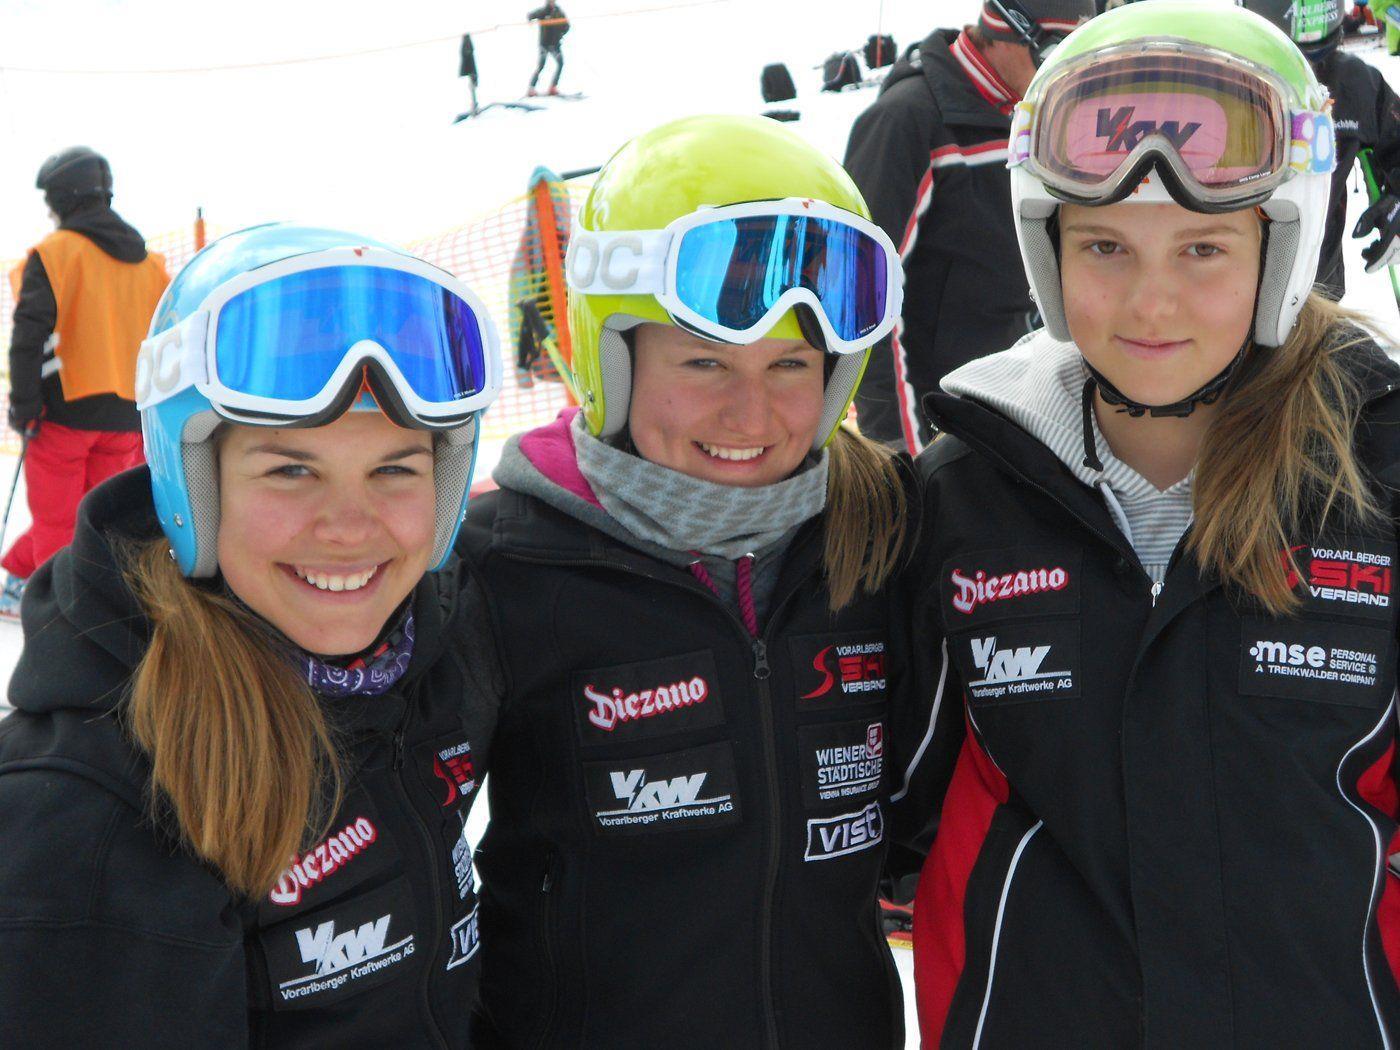 Laura, Vanessa und Sophia - von Nervosität am Start keine Spur ...